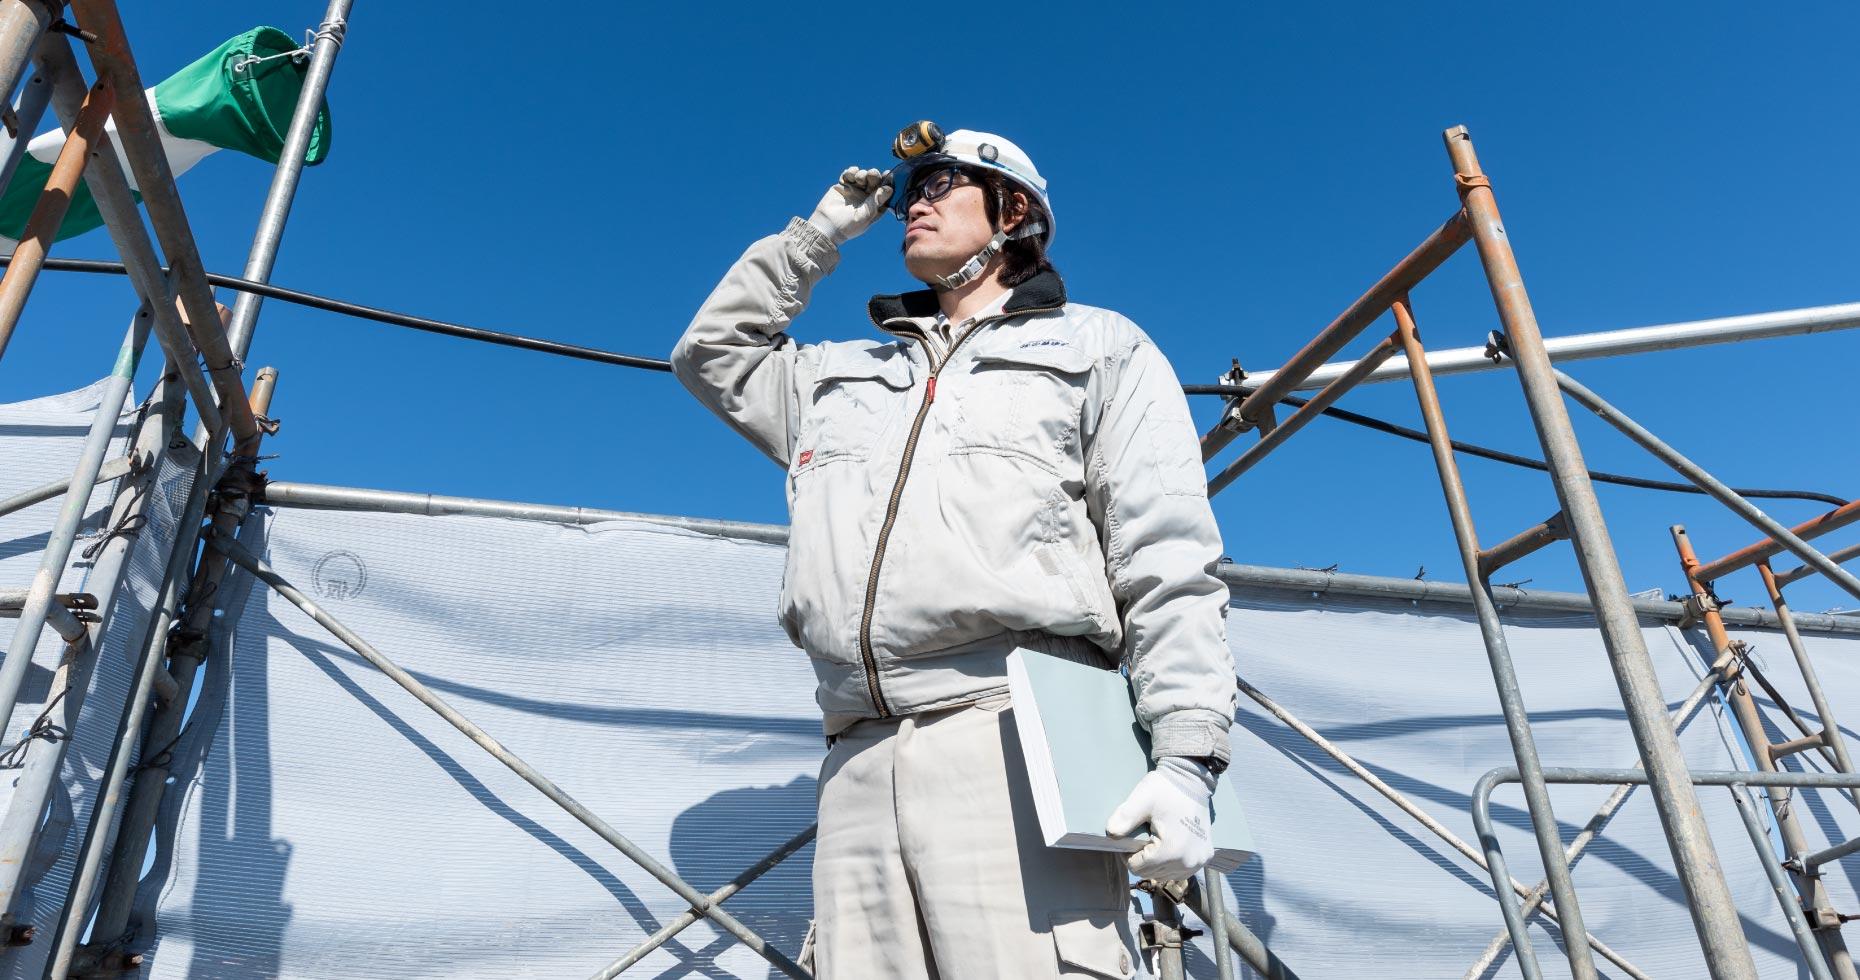 株式会社安藤建設の採用情報、施工管理のお仕事